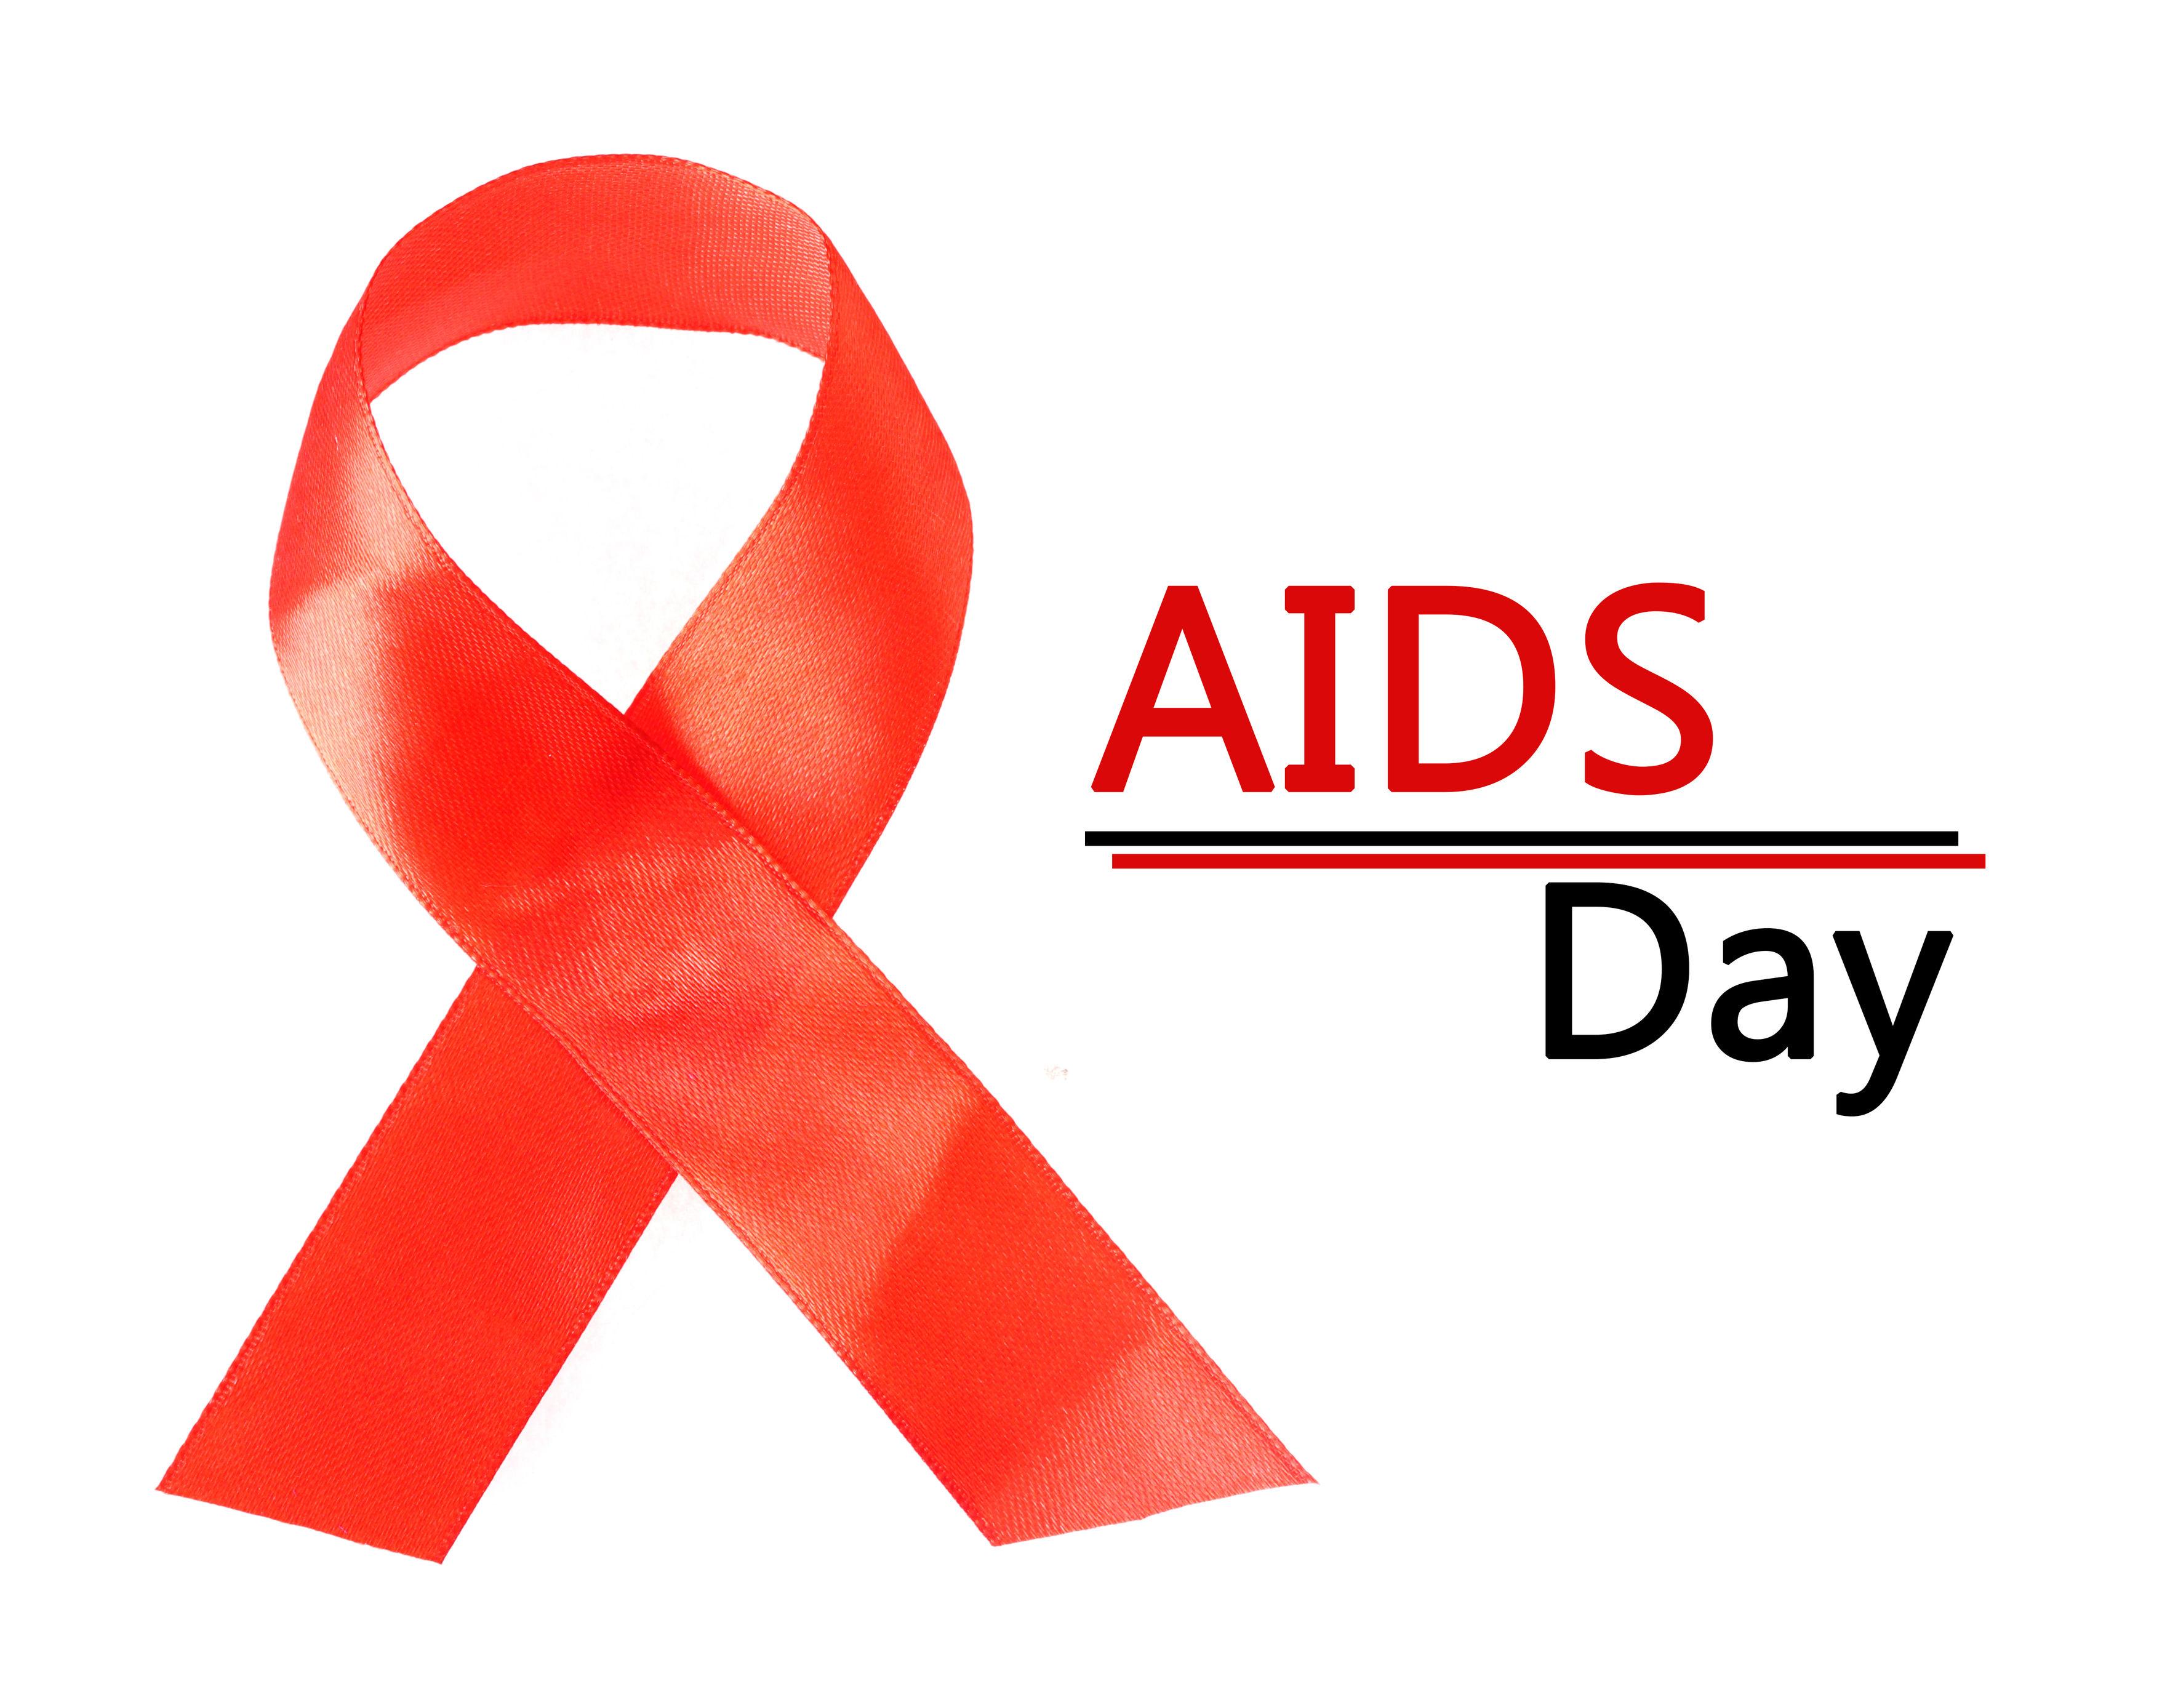 รู้หรือไม่ เอชไอวีกับเอดส์แตกต่างกัน  thaihealth